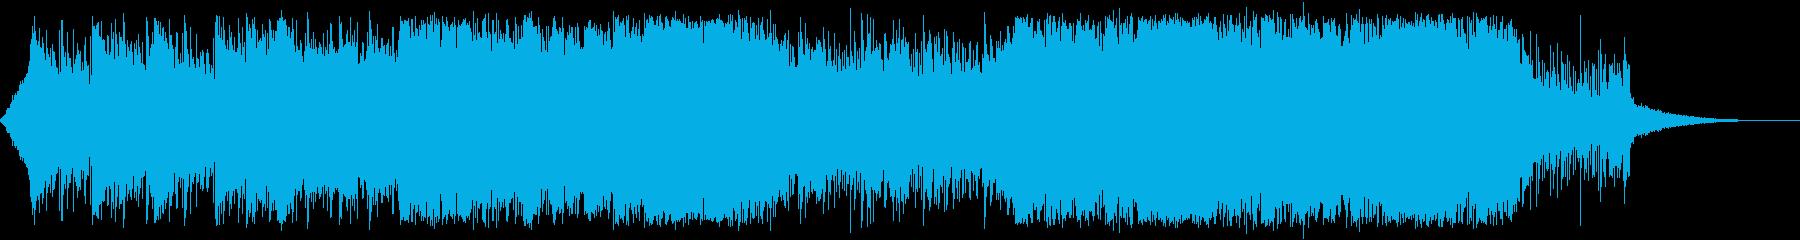 火山・ダンジョン・ファンタジーの再生済みの波形